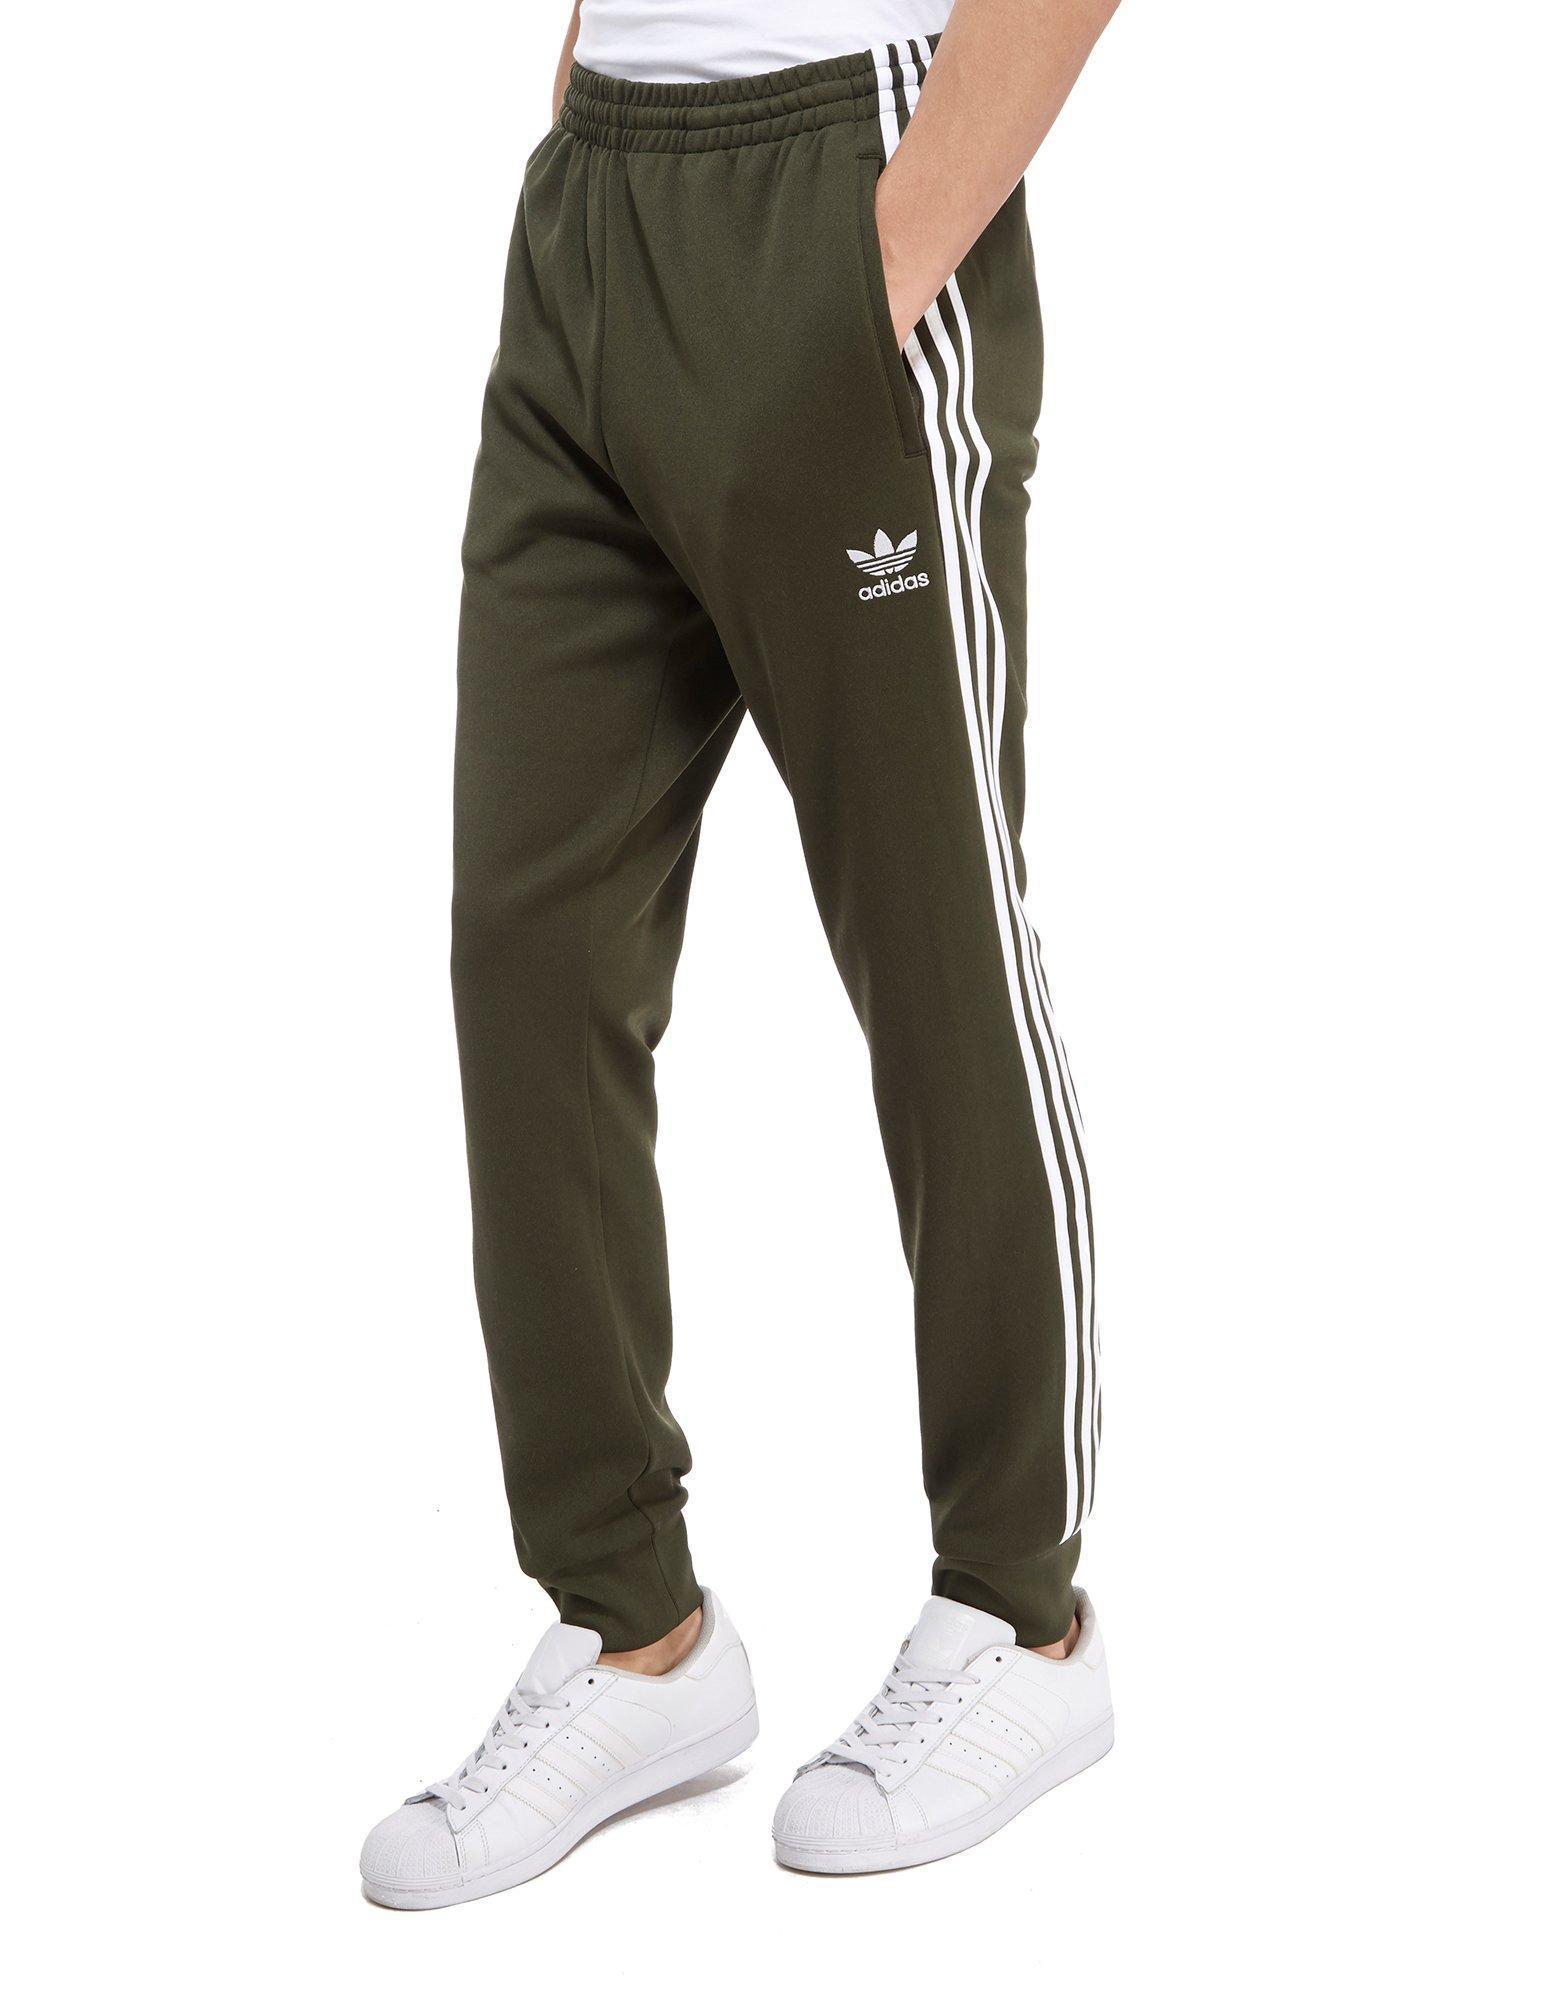 adidas original green stripes